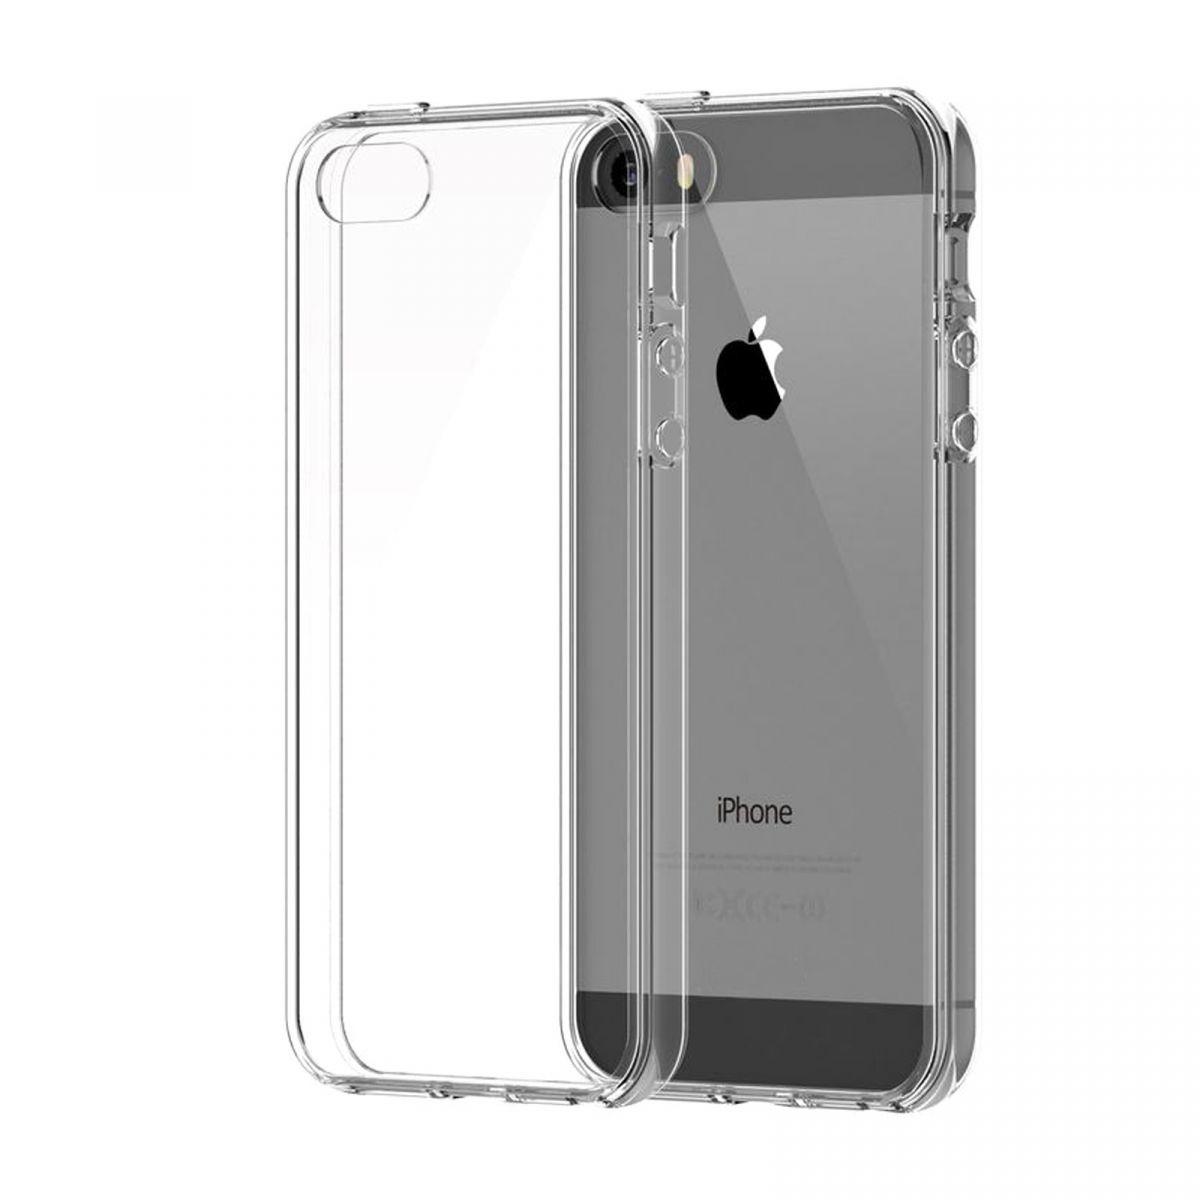 Чехол Крутотенюшка для Apple iPhone 5/5S/SE картина маслом сова pattern мягкий тонкий тпу резиновая крышка силиконовый гель чехол для iphone 5 5s 5se